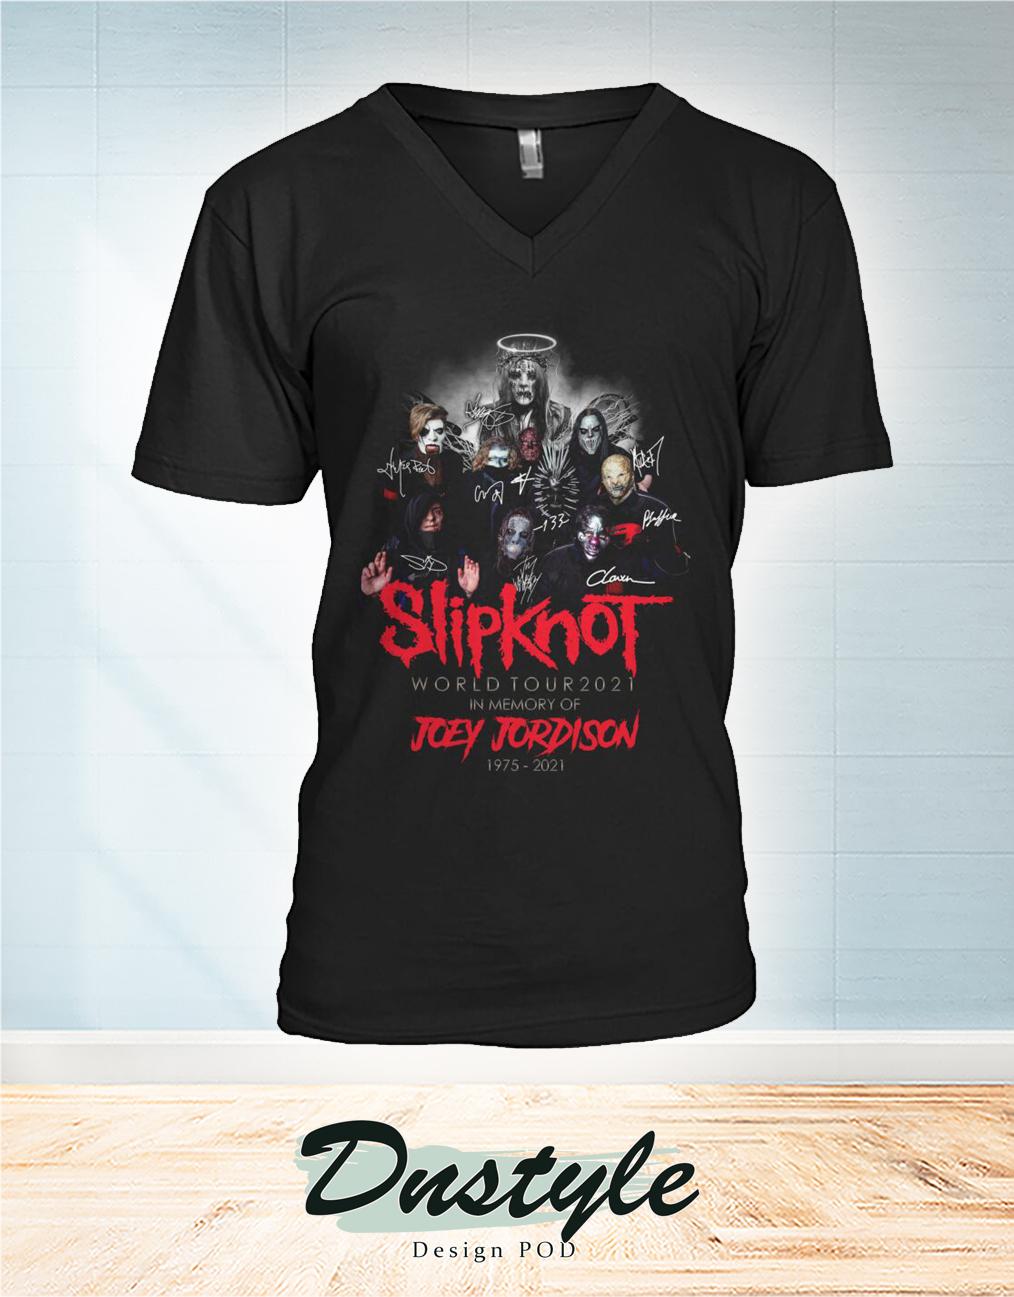 Slipknot world tour 2021 in memory of Joey Jordison 1975 2021 v-neck